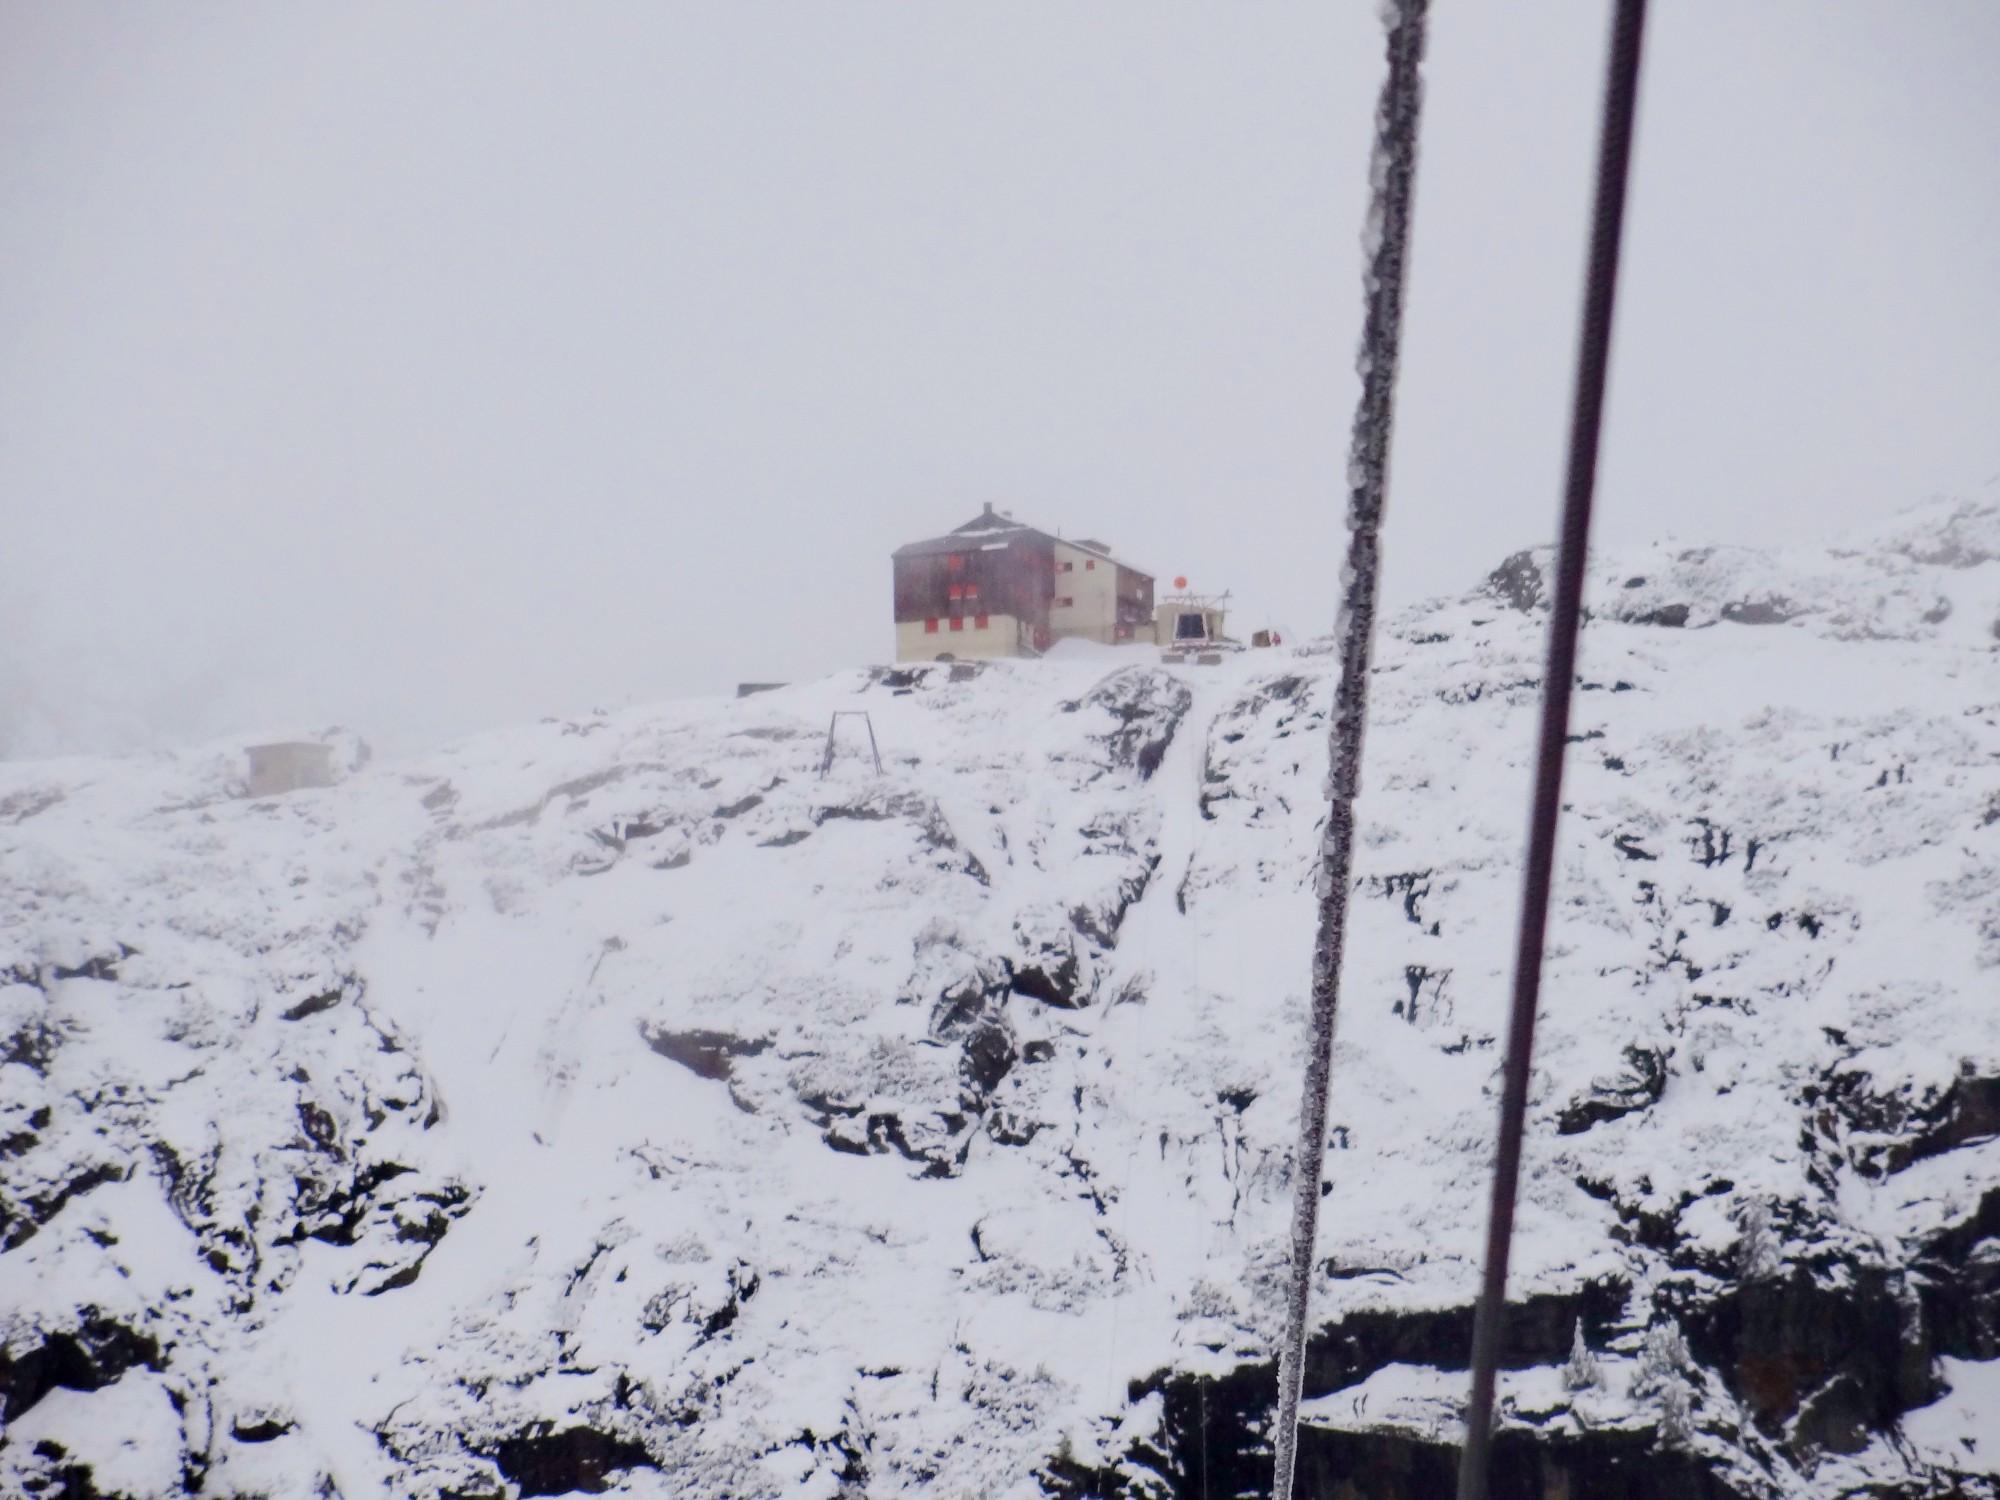 Die Sulzenauhütte im Schnee